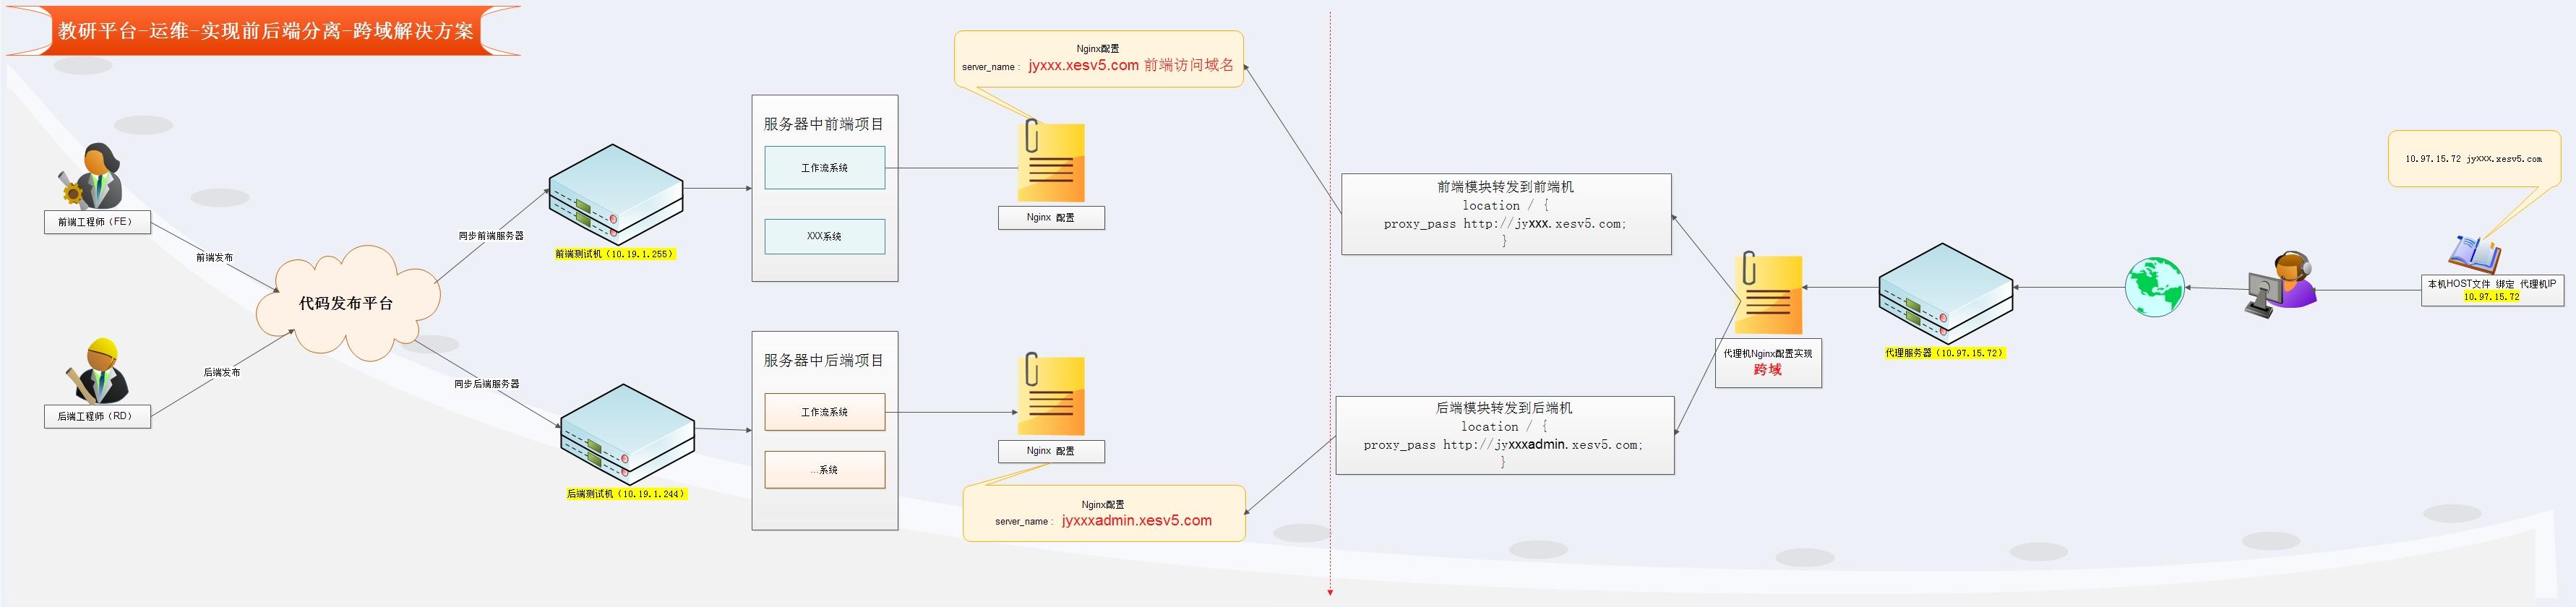 教研平台-运维-实现前后端分离-跨域解决方案.jpg